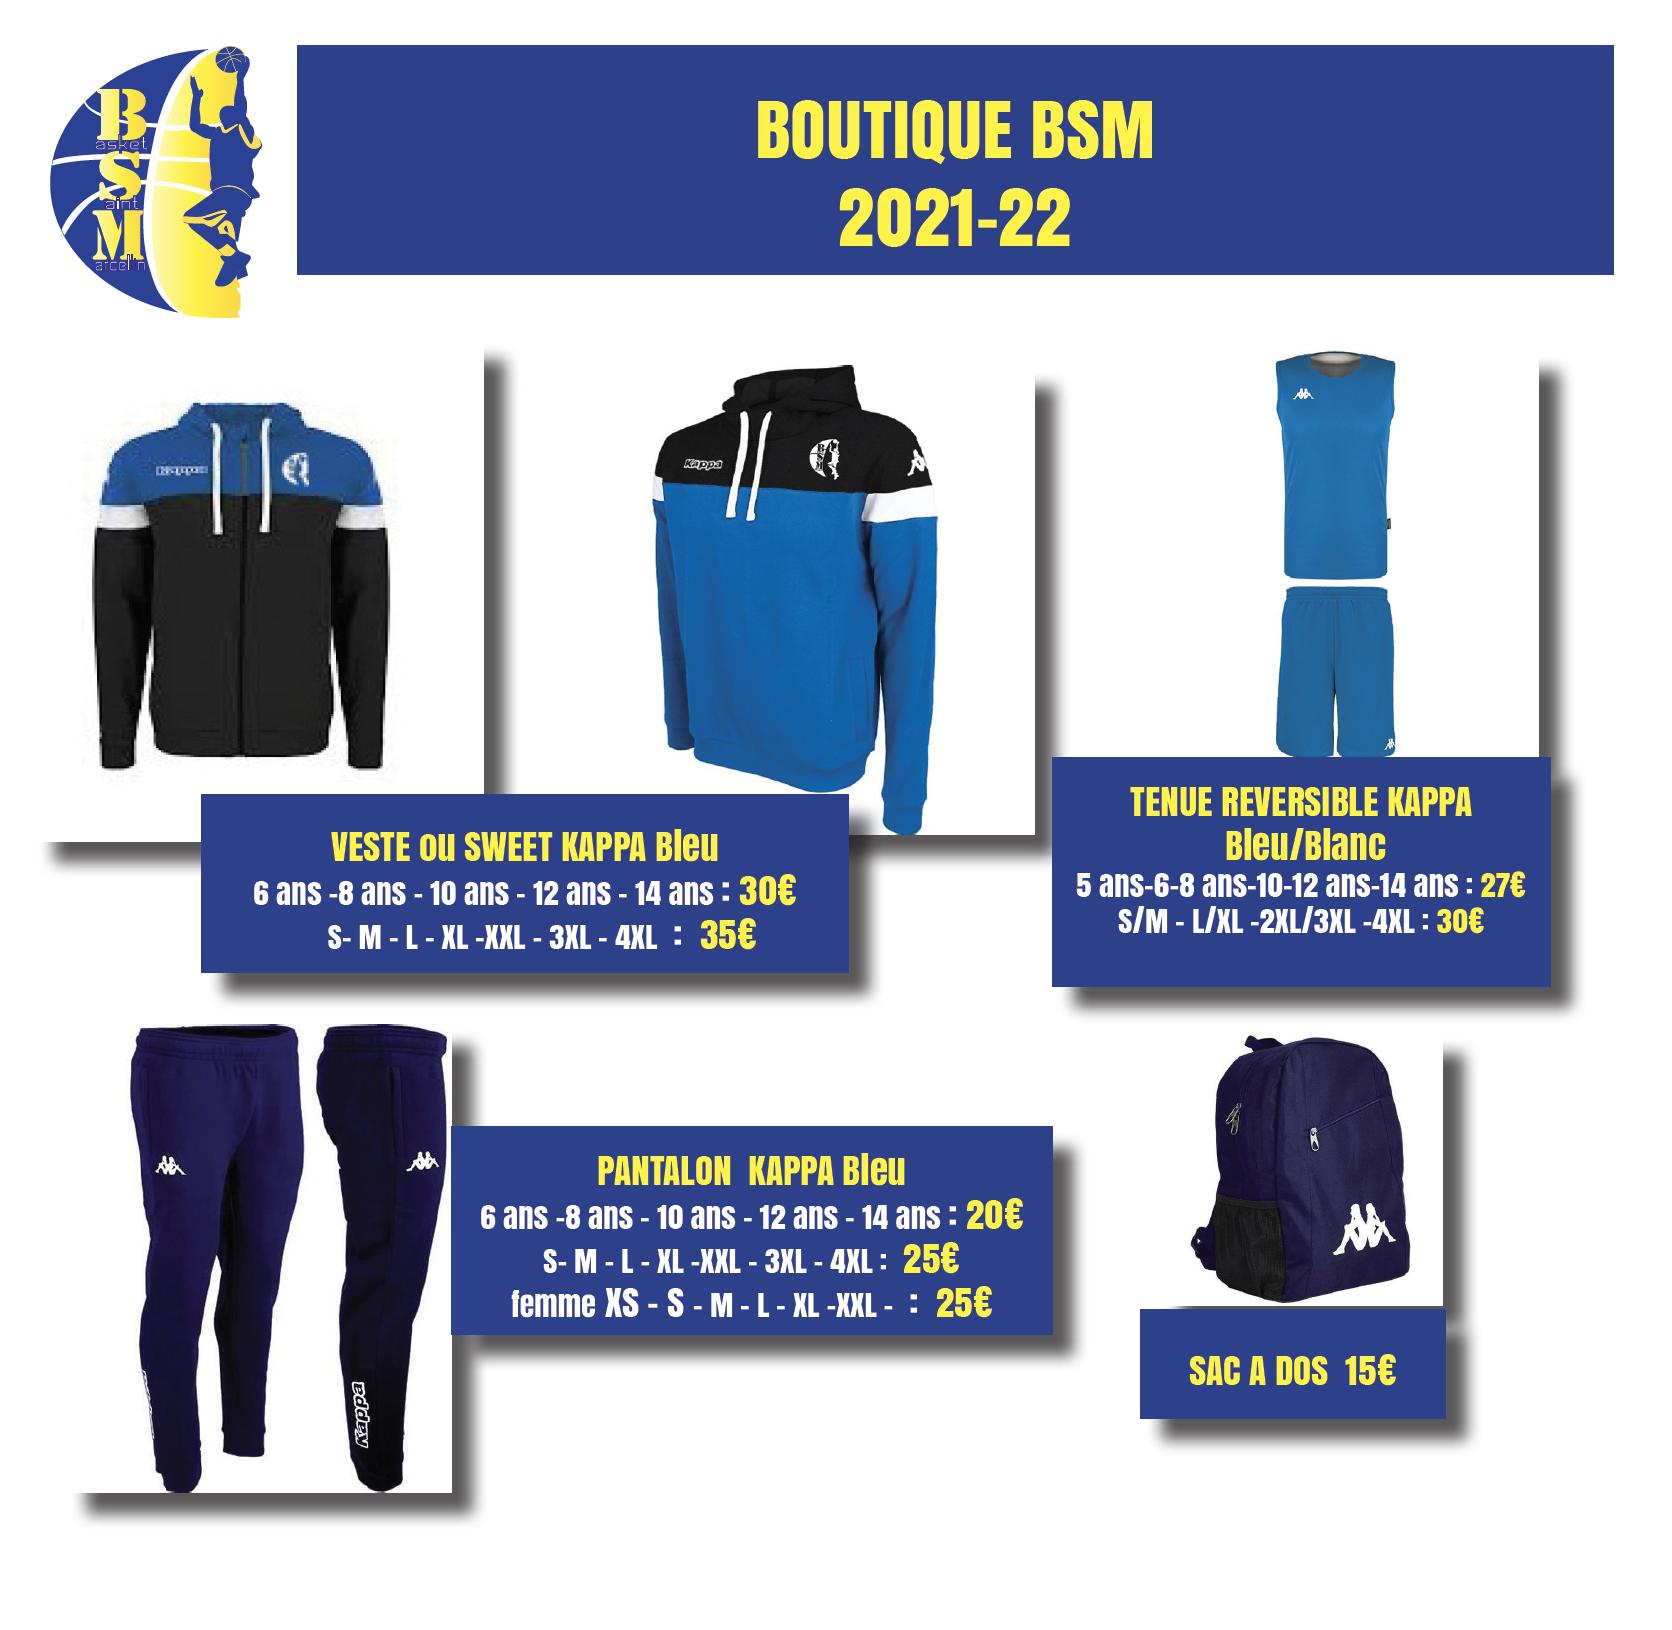 Boutique BSM